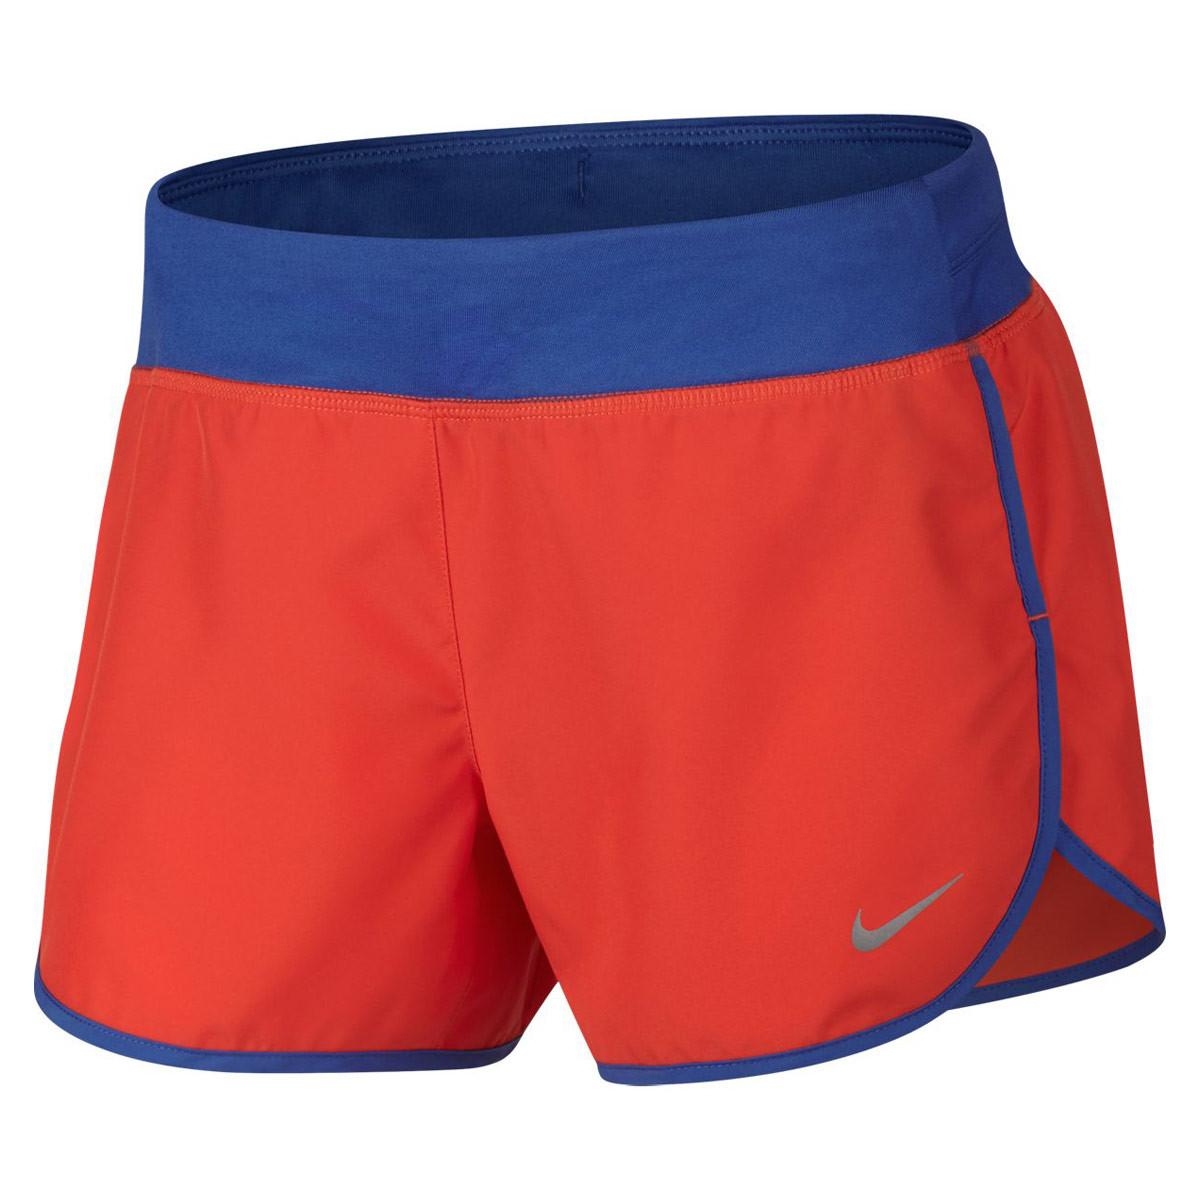 f354b2338aff6 Nike Girls Dry Running Short - Running trousers - Orange | 21RUN